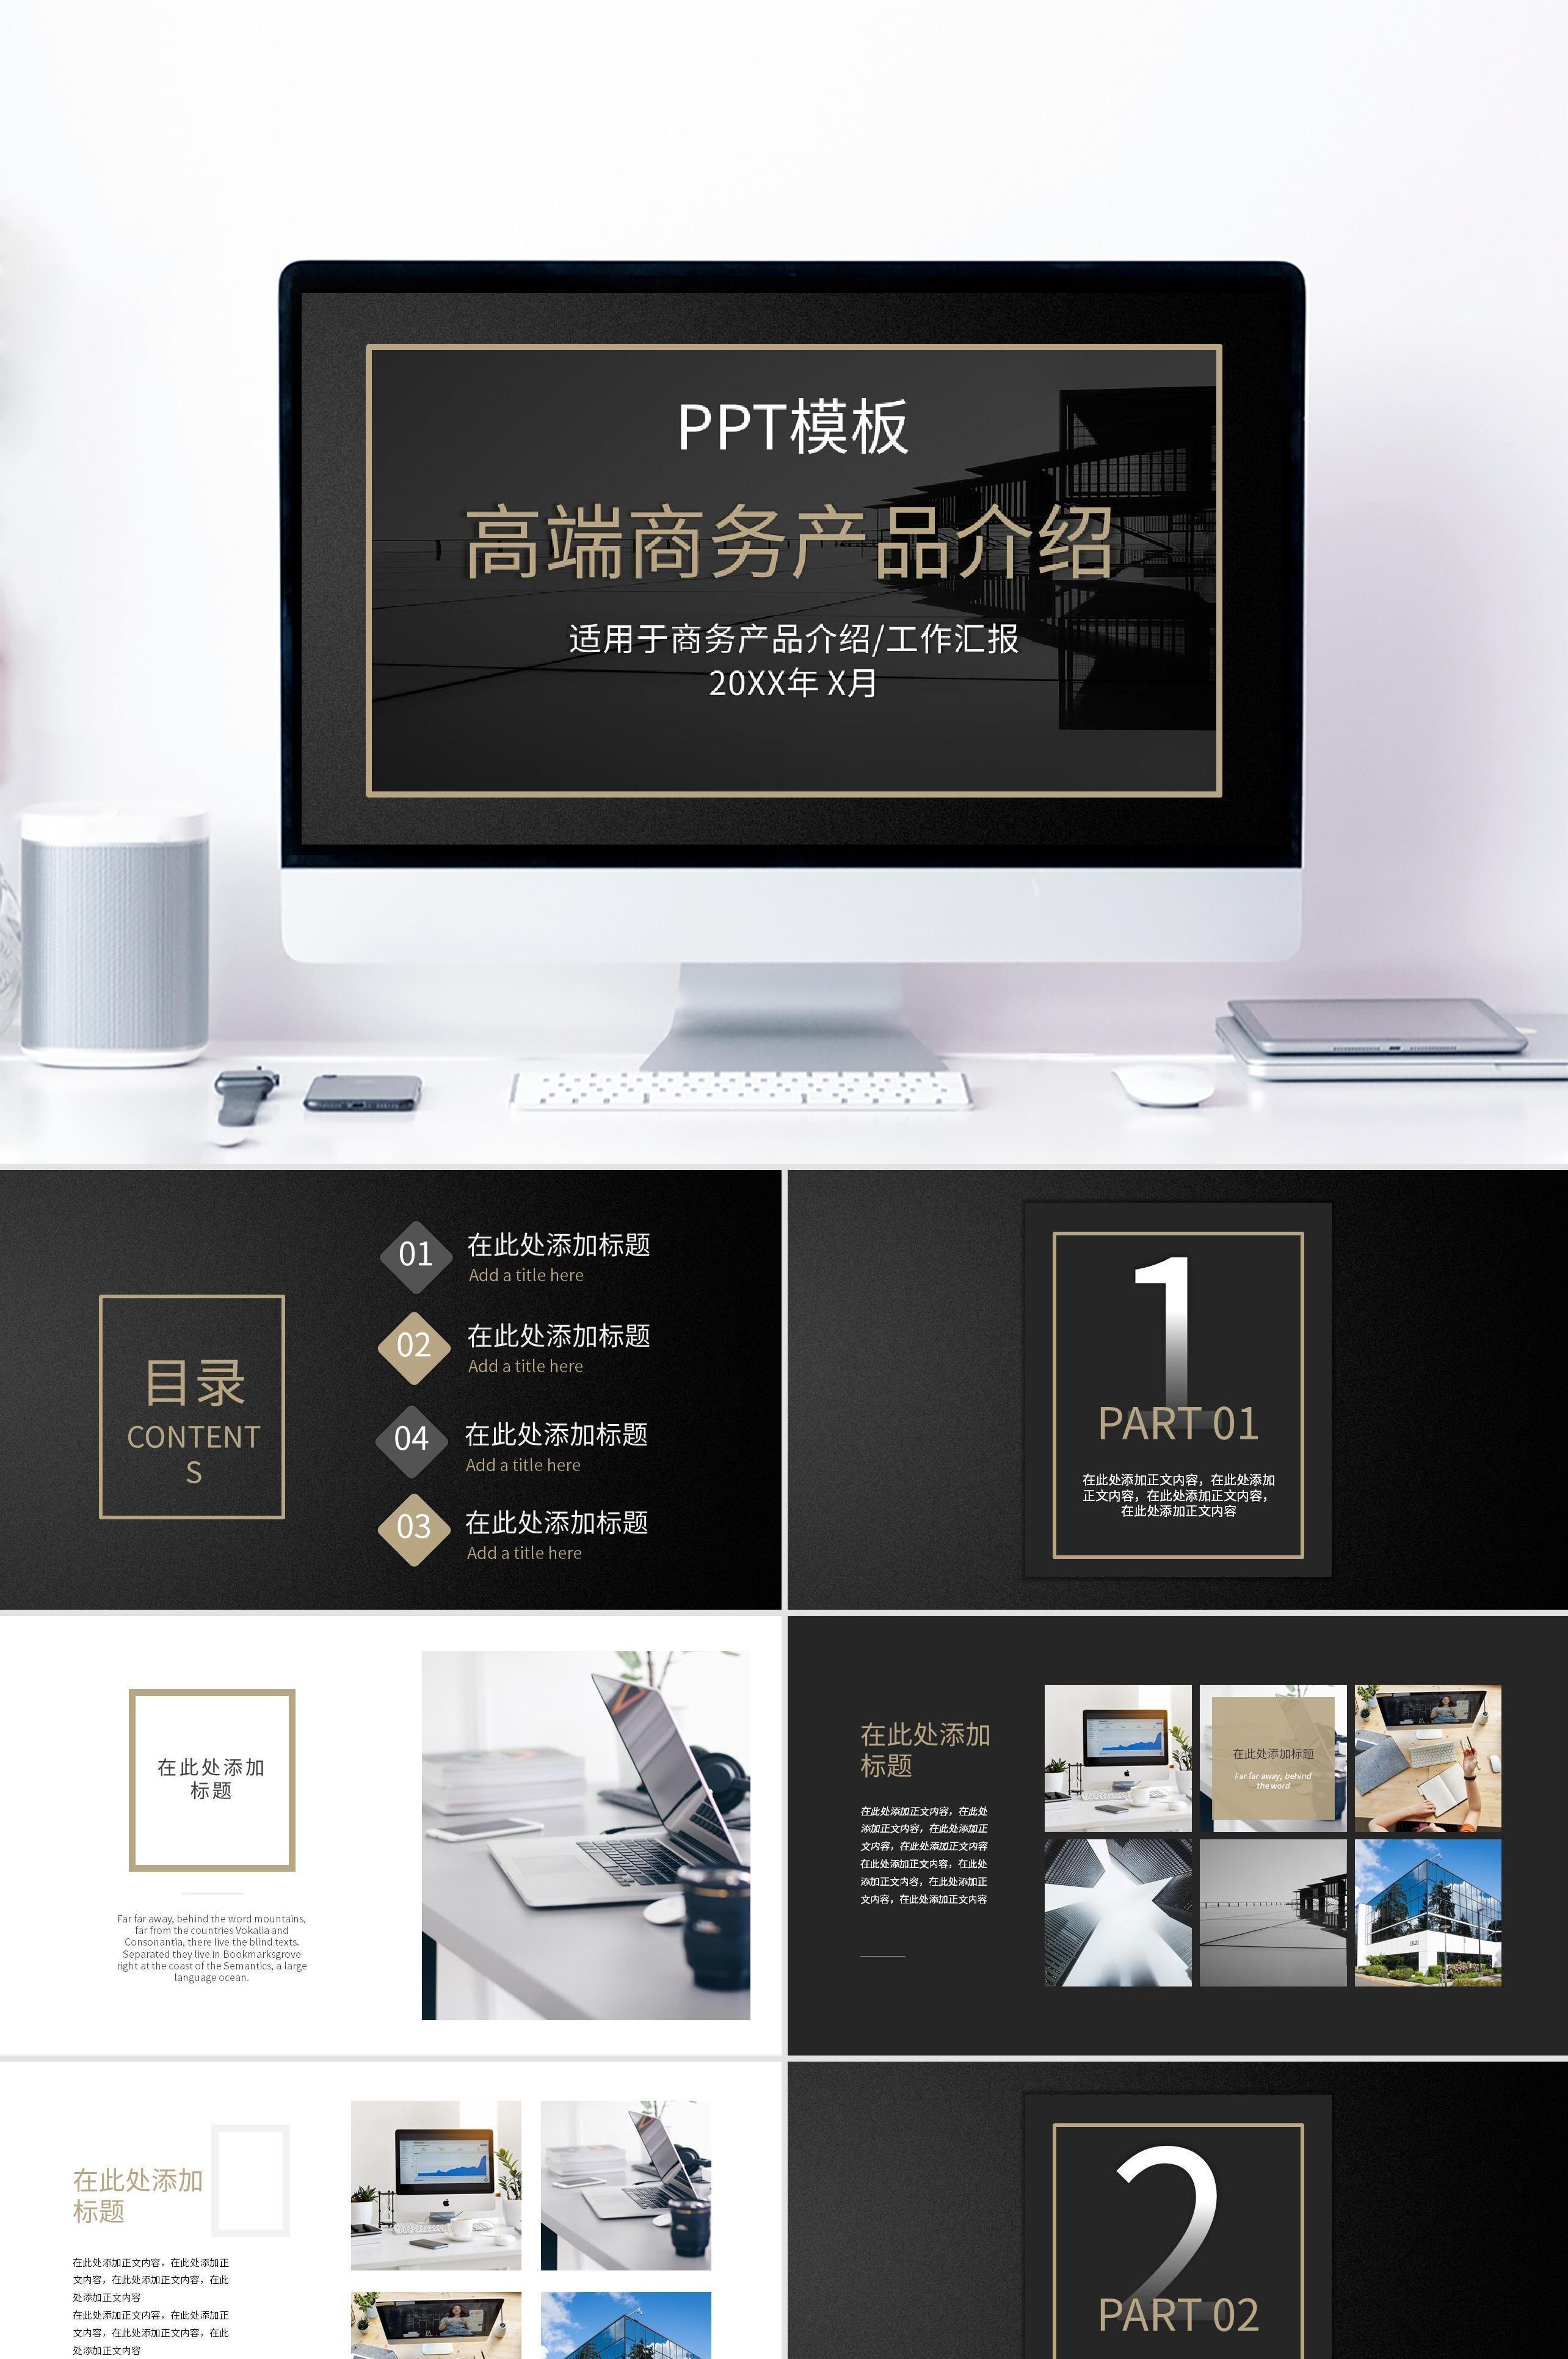 高端产品介绍企业画册商务展示PPT模板